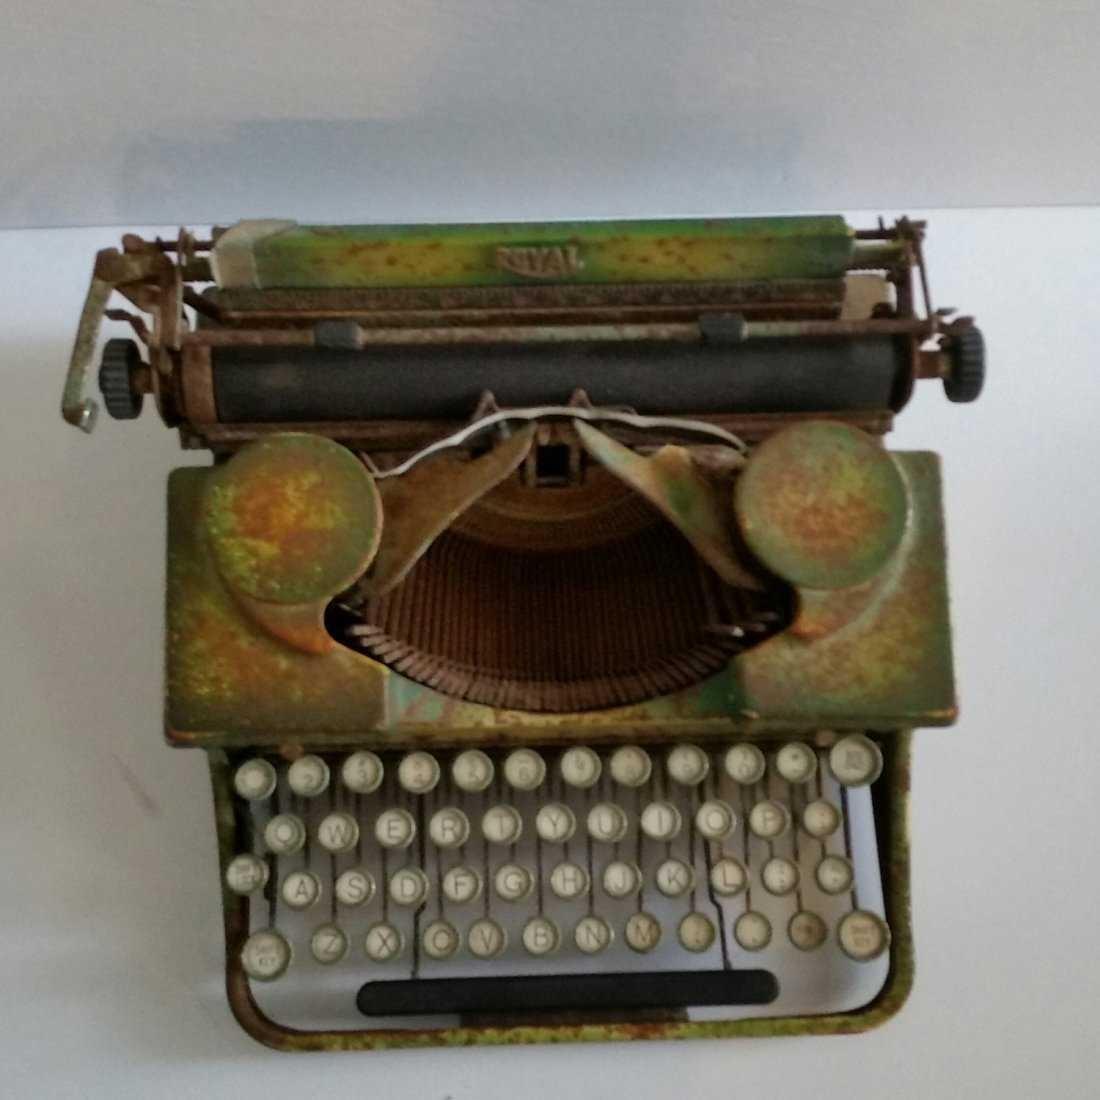 Antique Vintage Royal Typewriter 1940s - 2